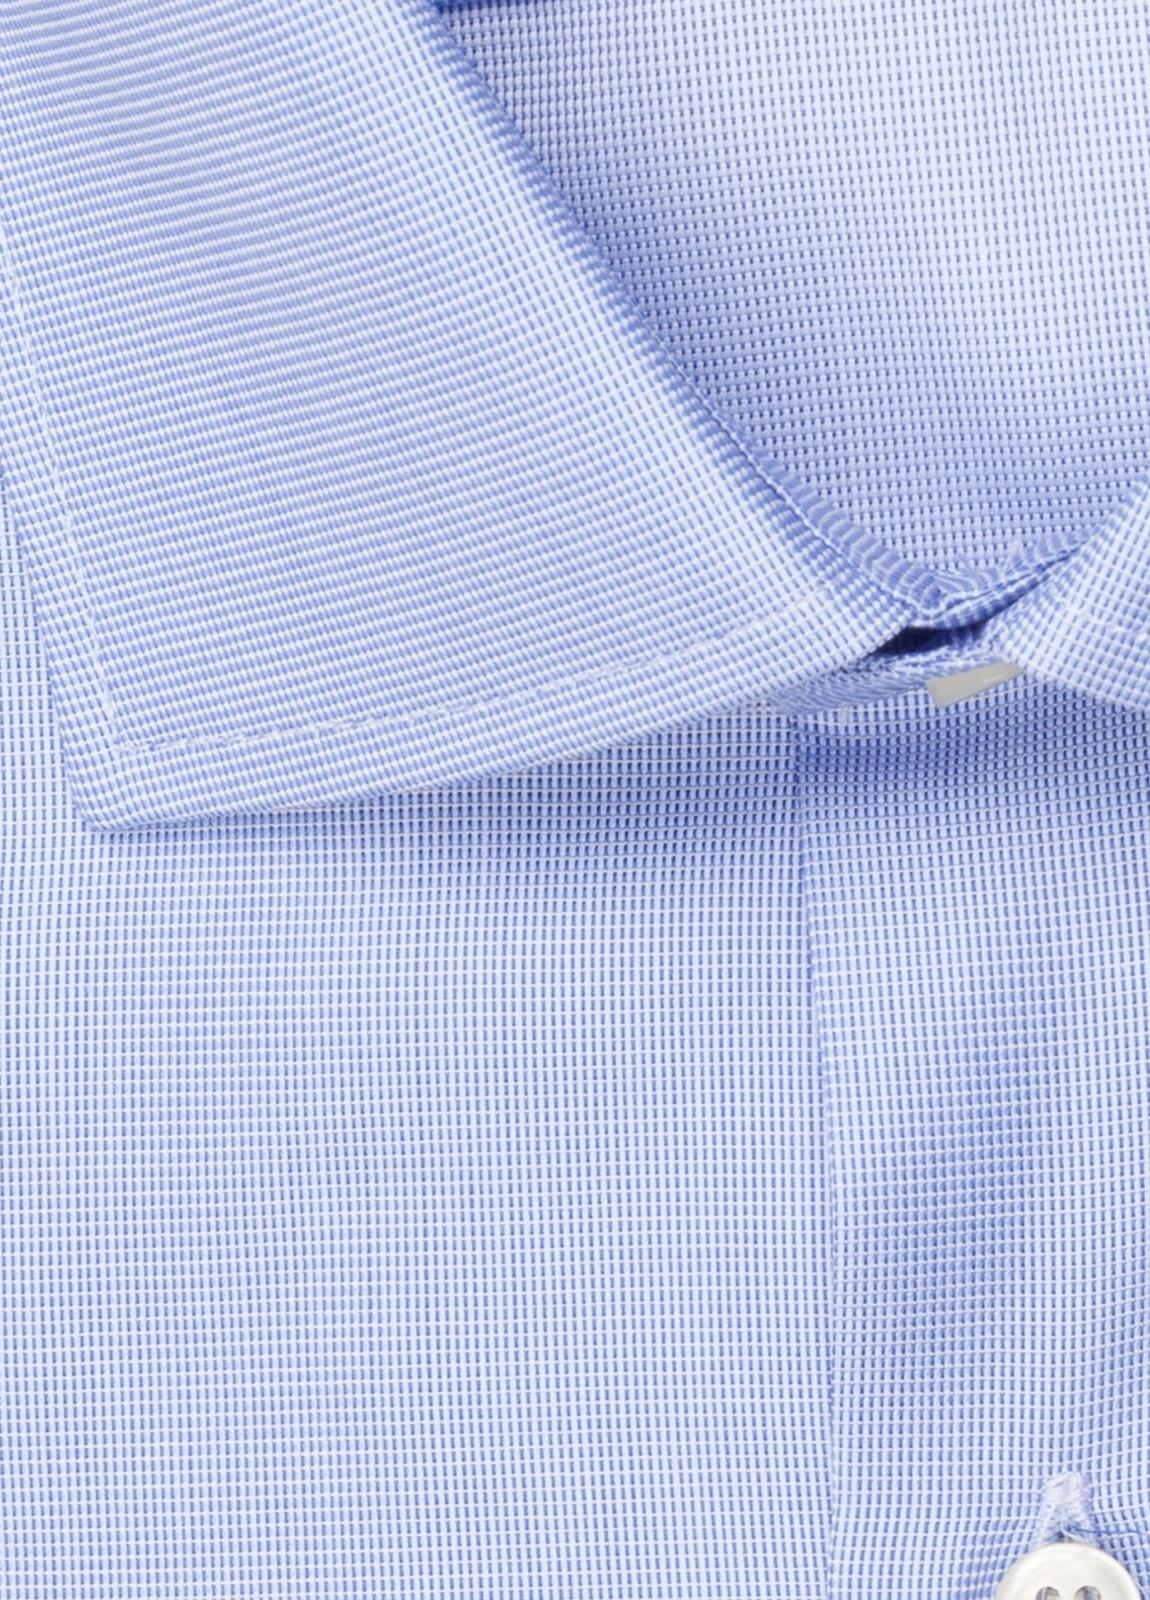 Camisa vestir FUREST COLECCIÓN SLIM FIT cuello italiano azul - Ítem2